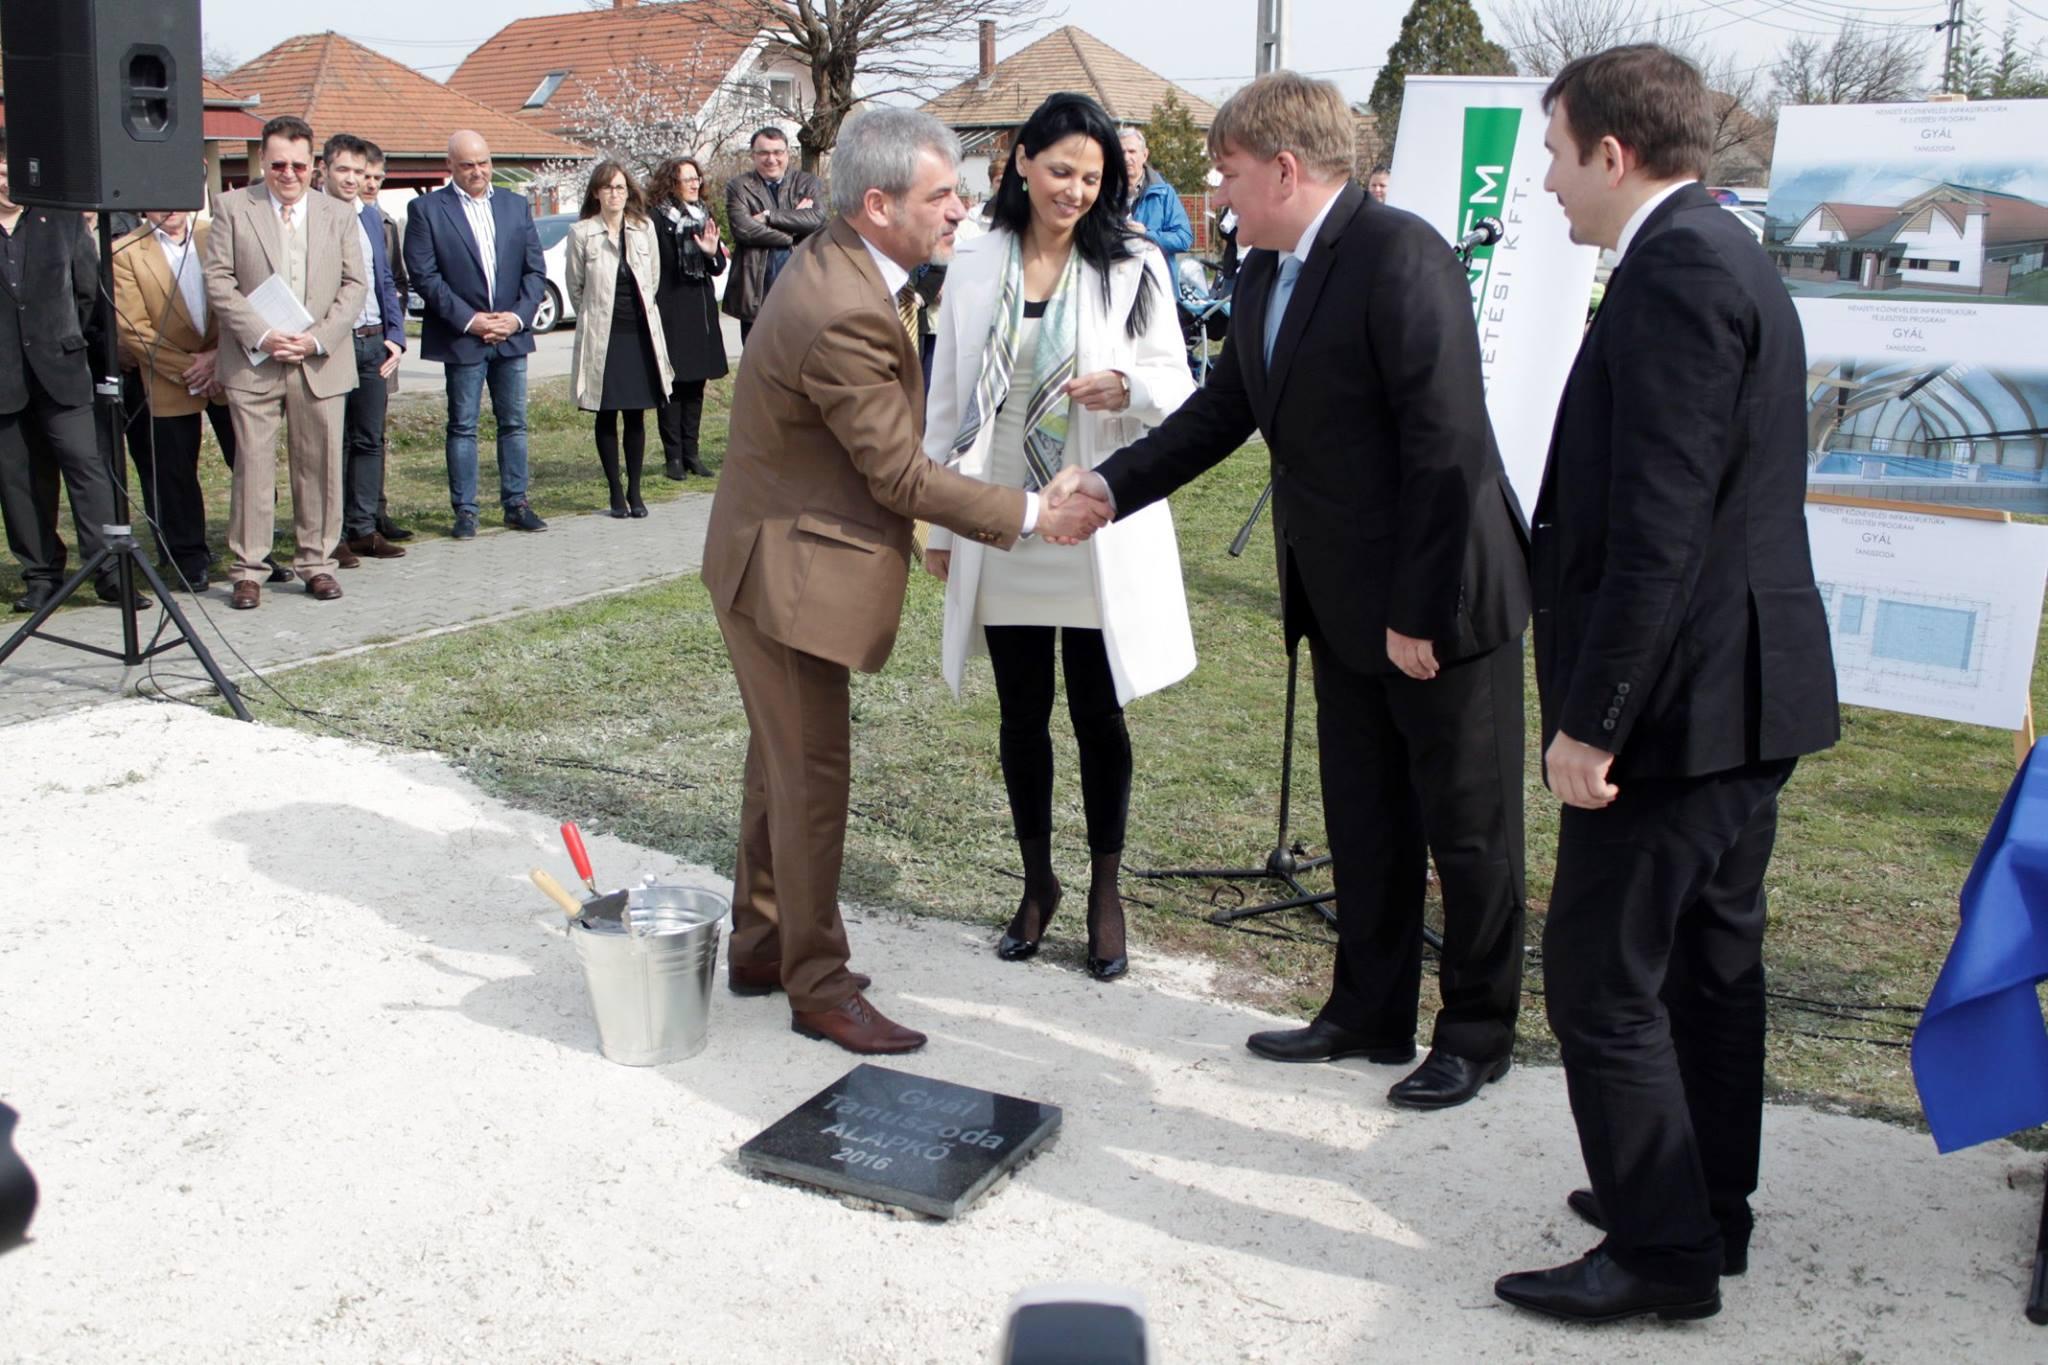 Pápai Mihály polgármesternek gratulál dr. Szűcs Lajos, a város országgyűlési képviselőjének